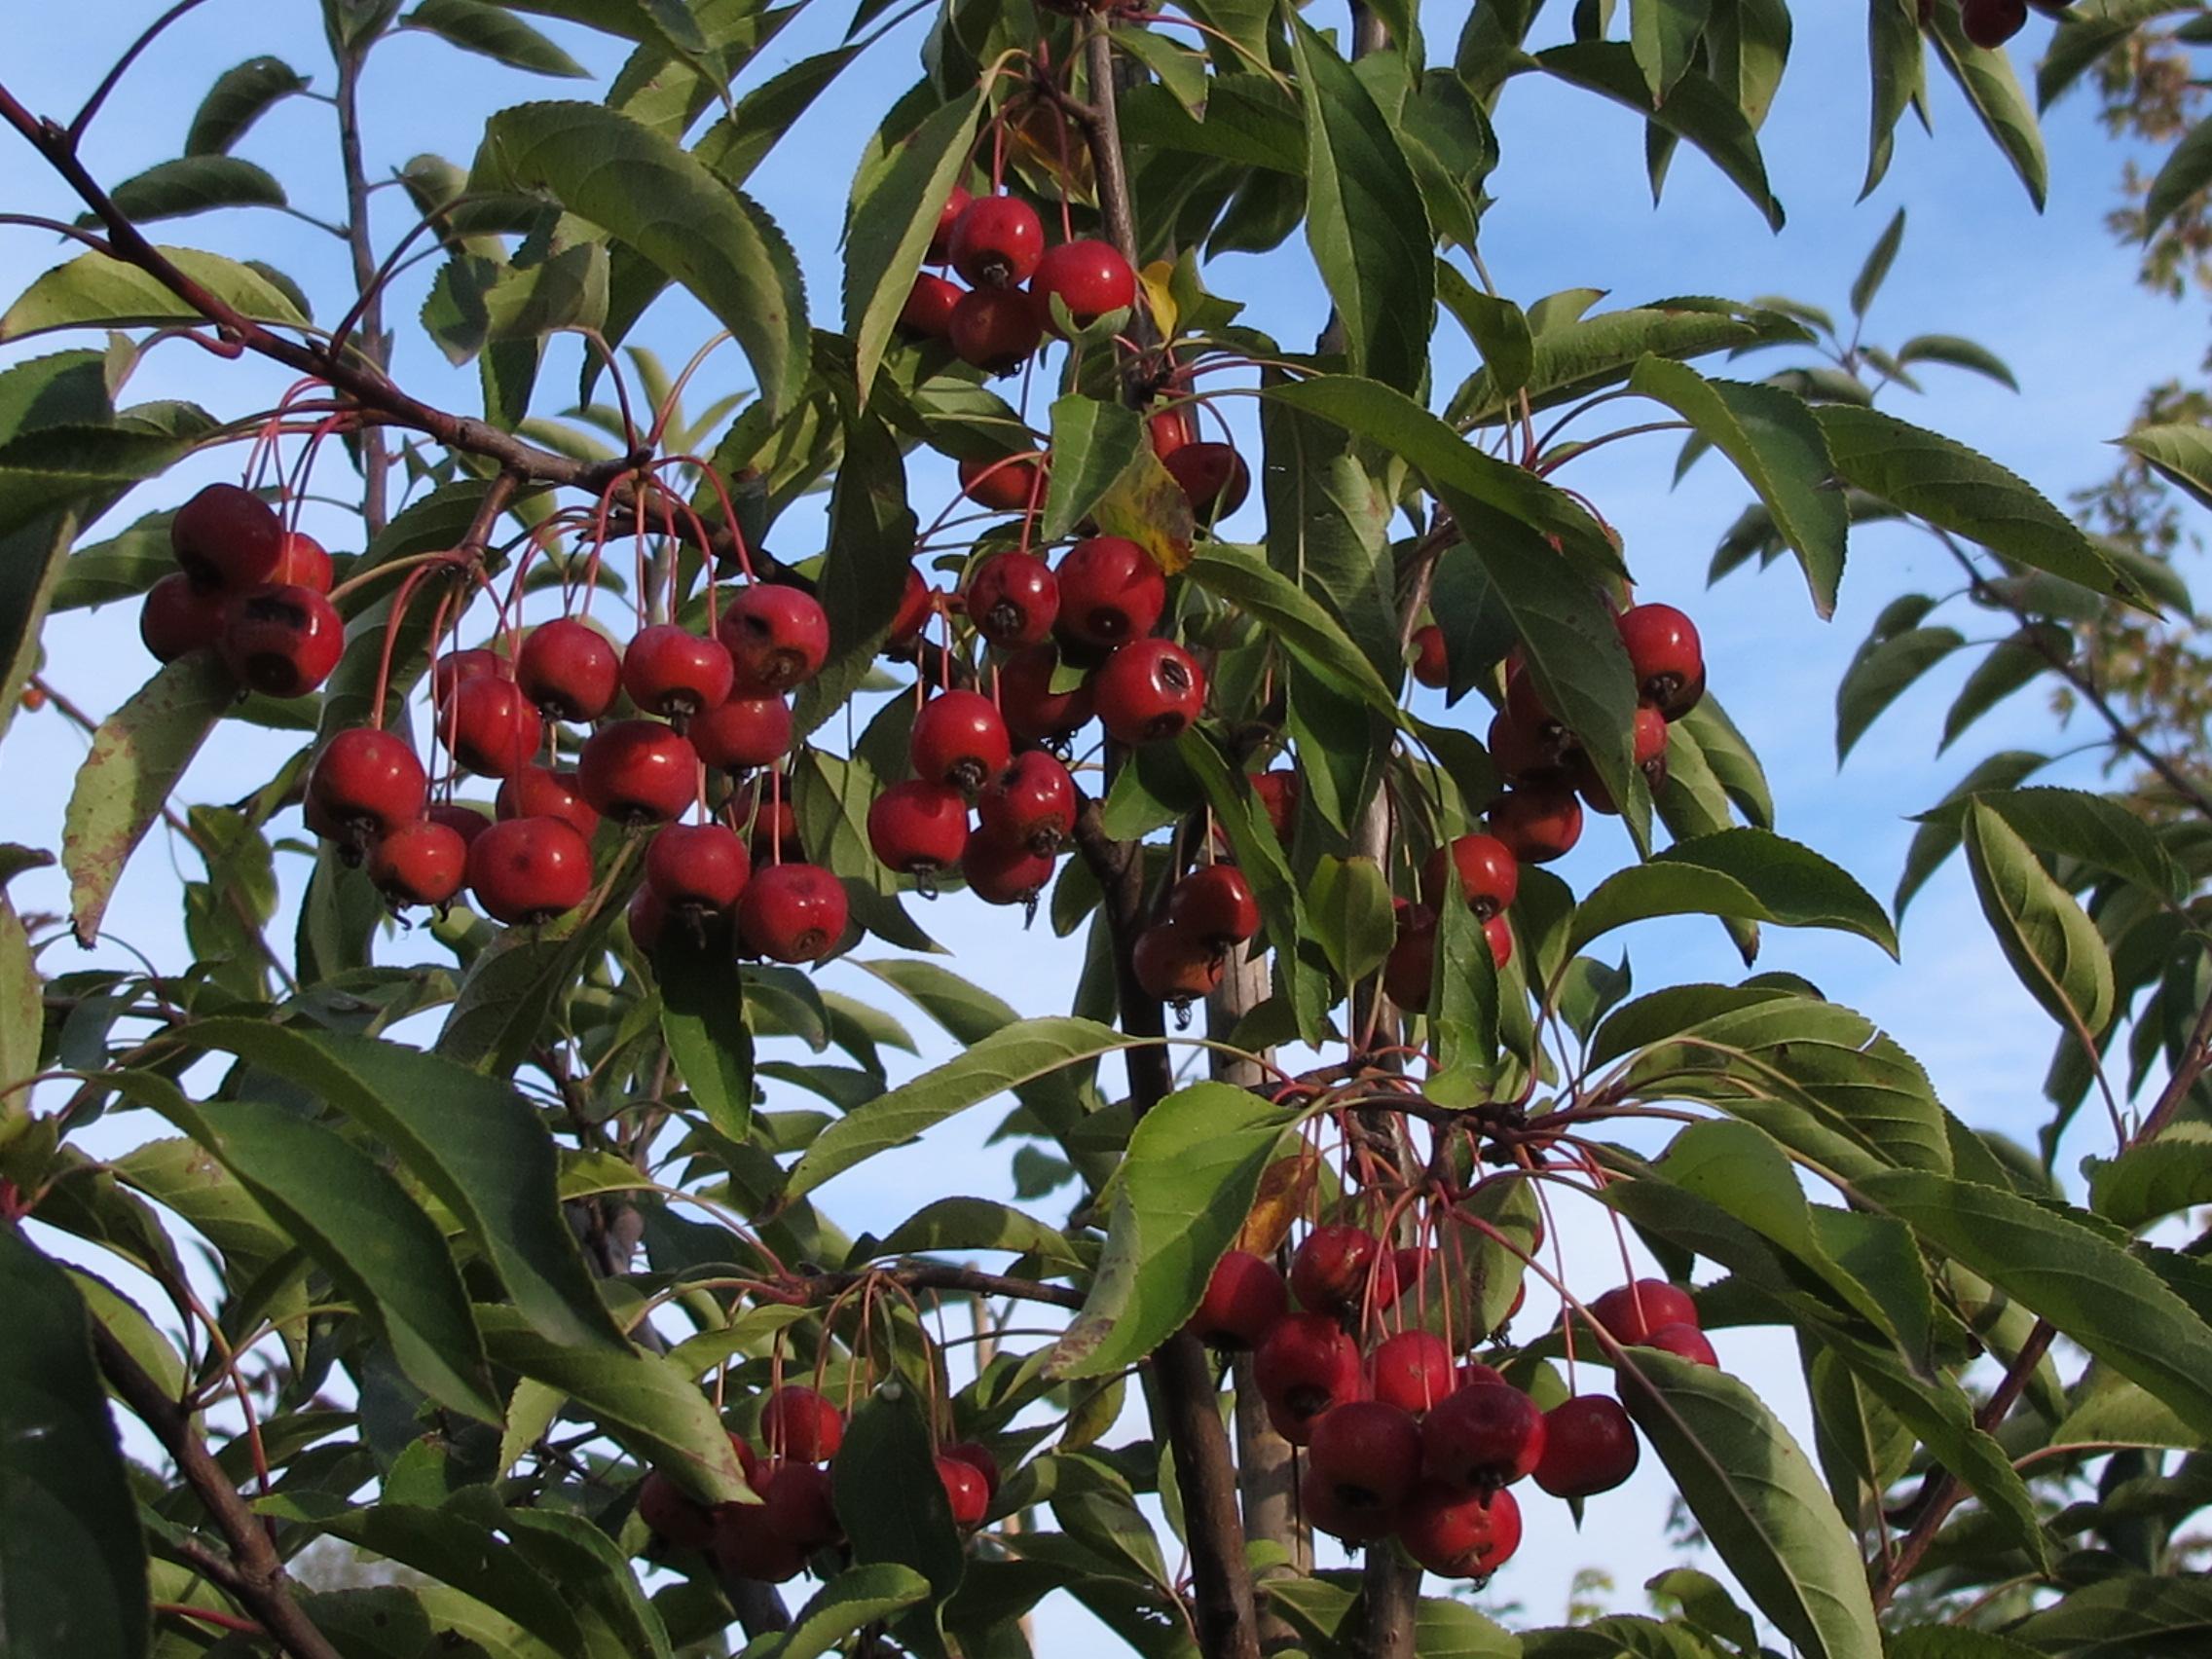 Sugar Tyme Flowering Crabapple Tree